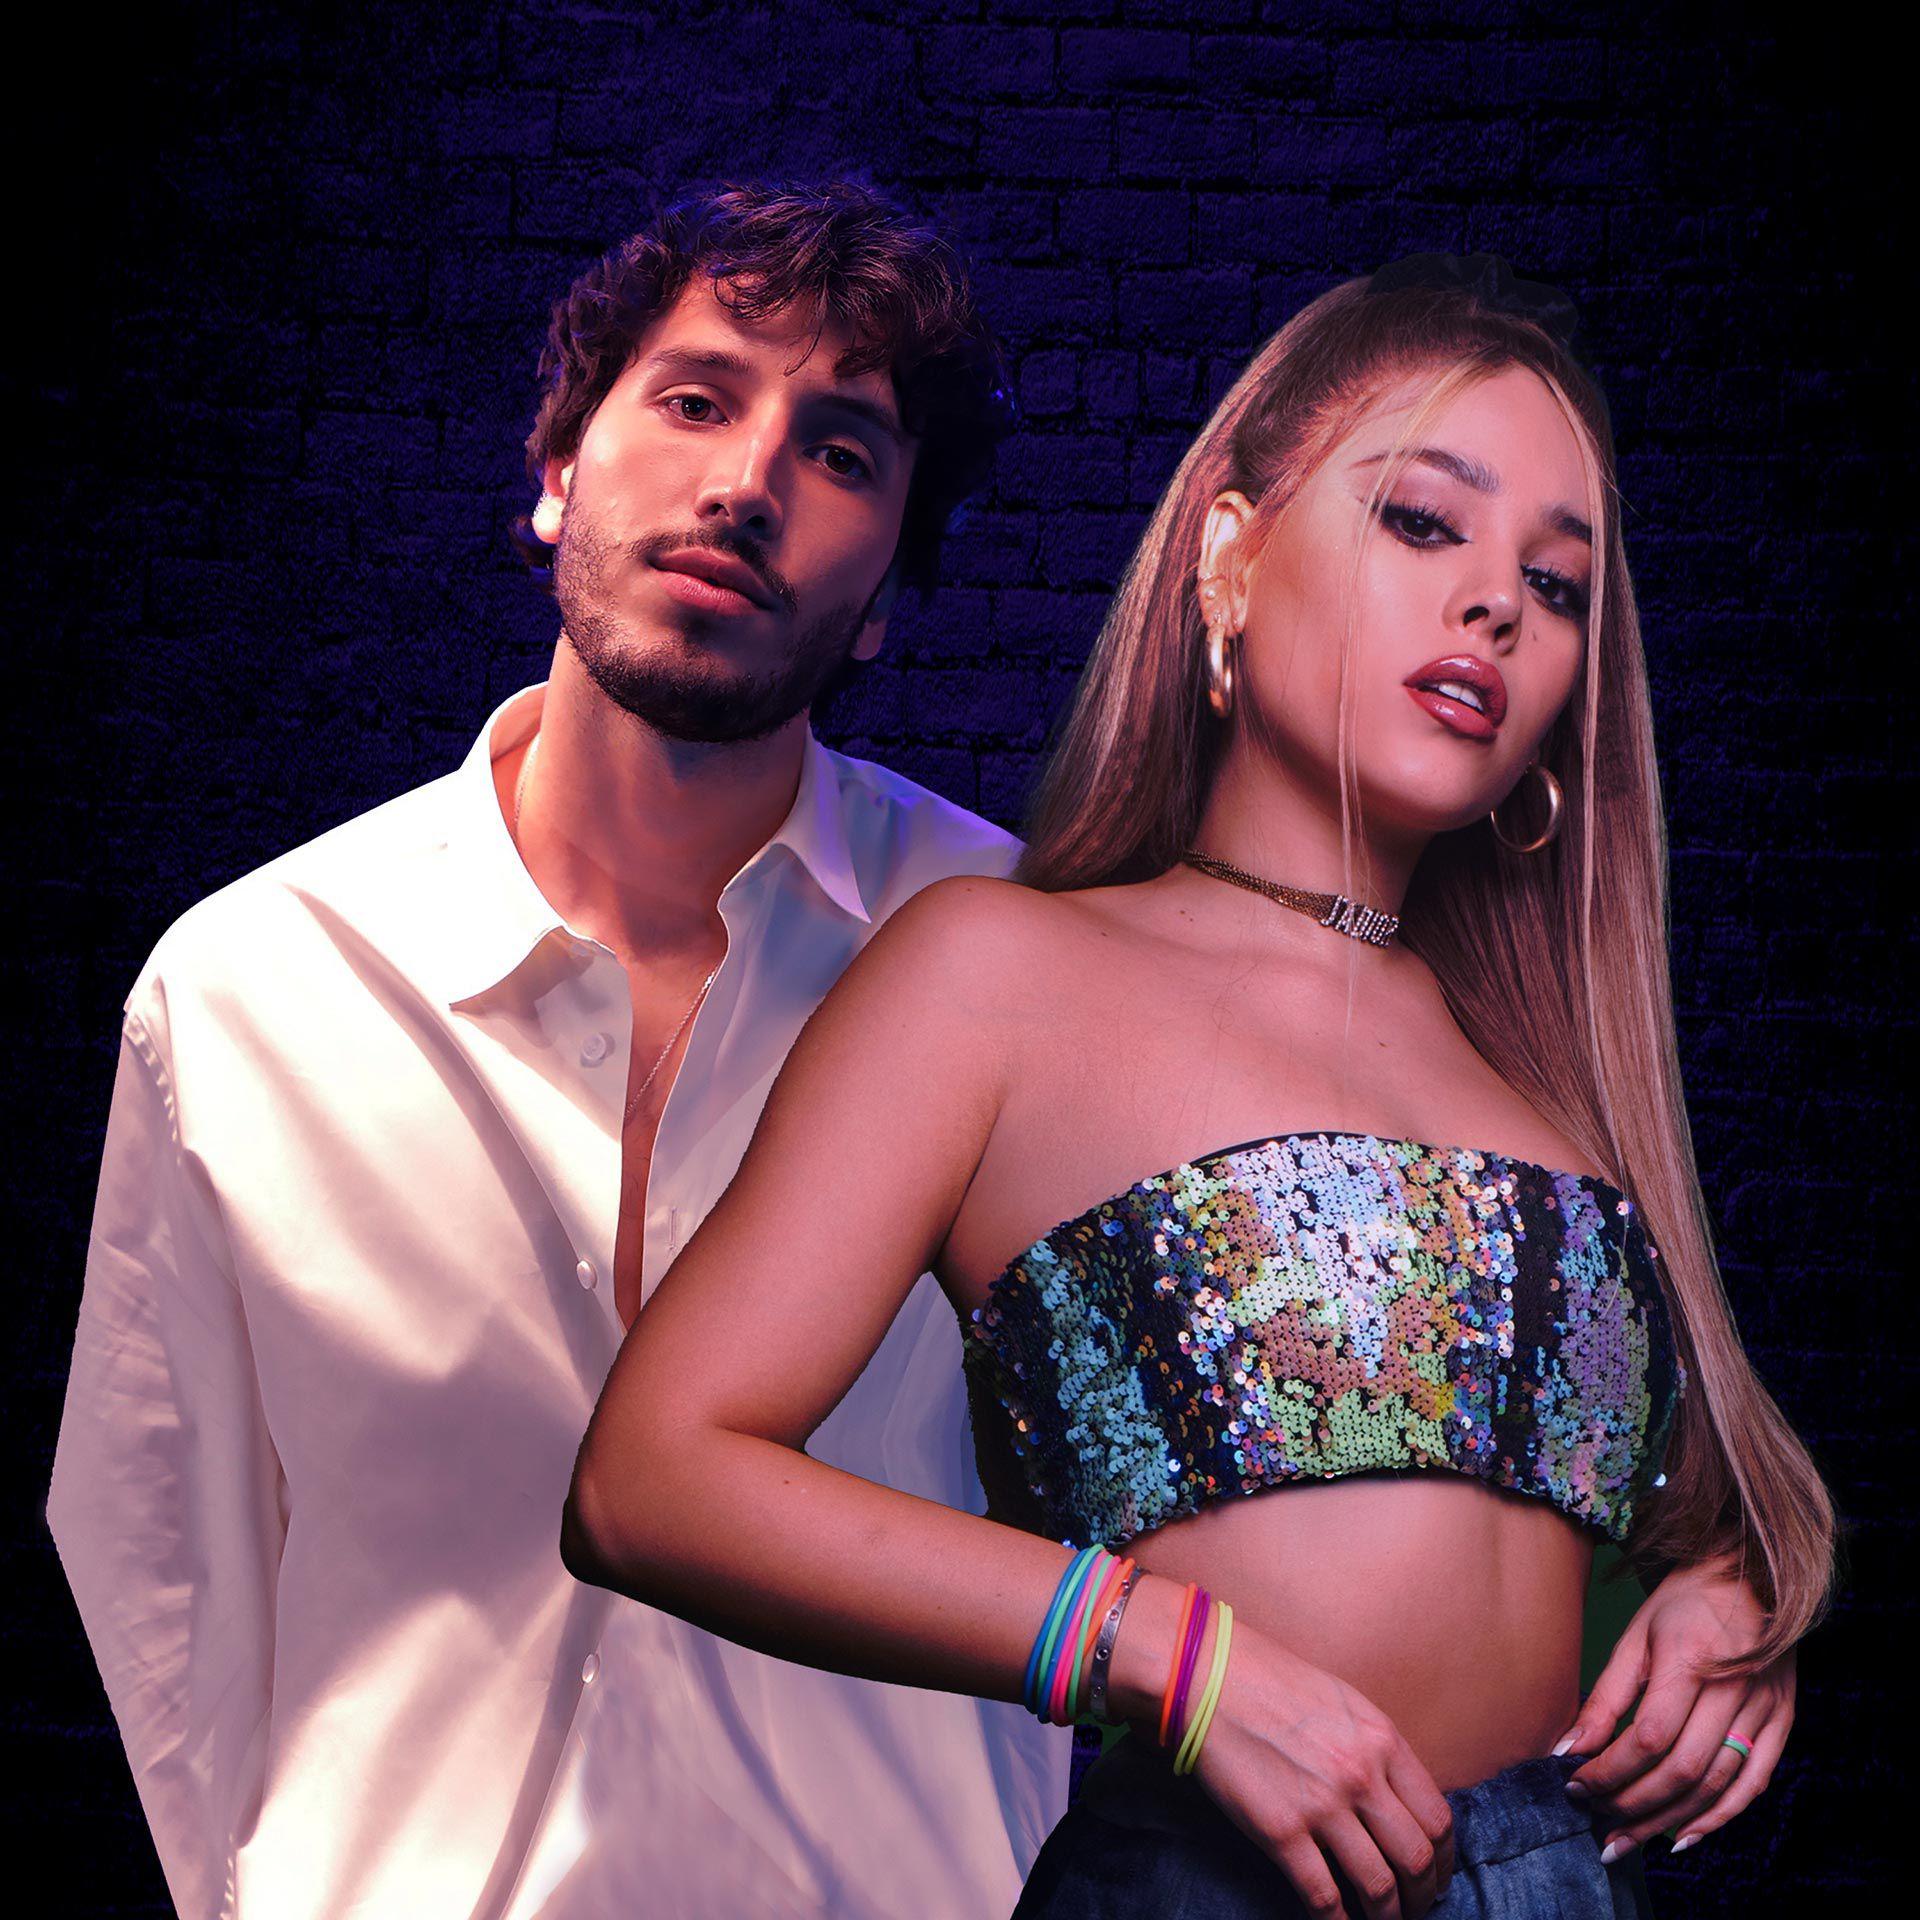 Danna Paola y Sebastián Yatra lanzan No bailes sola SF